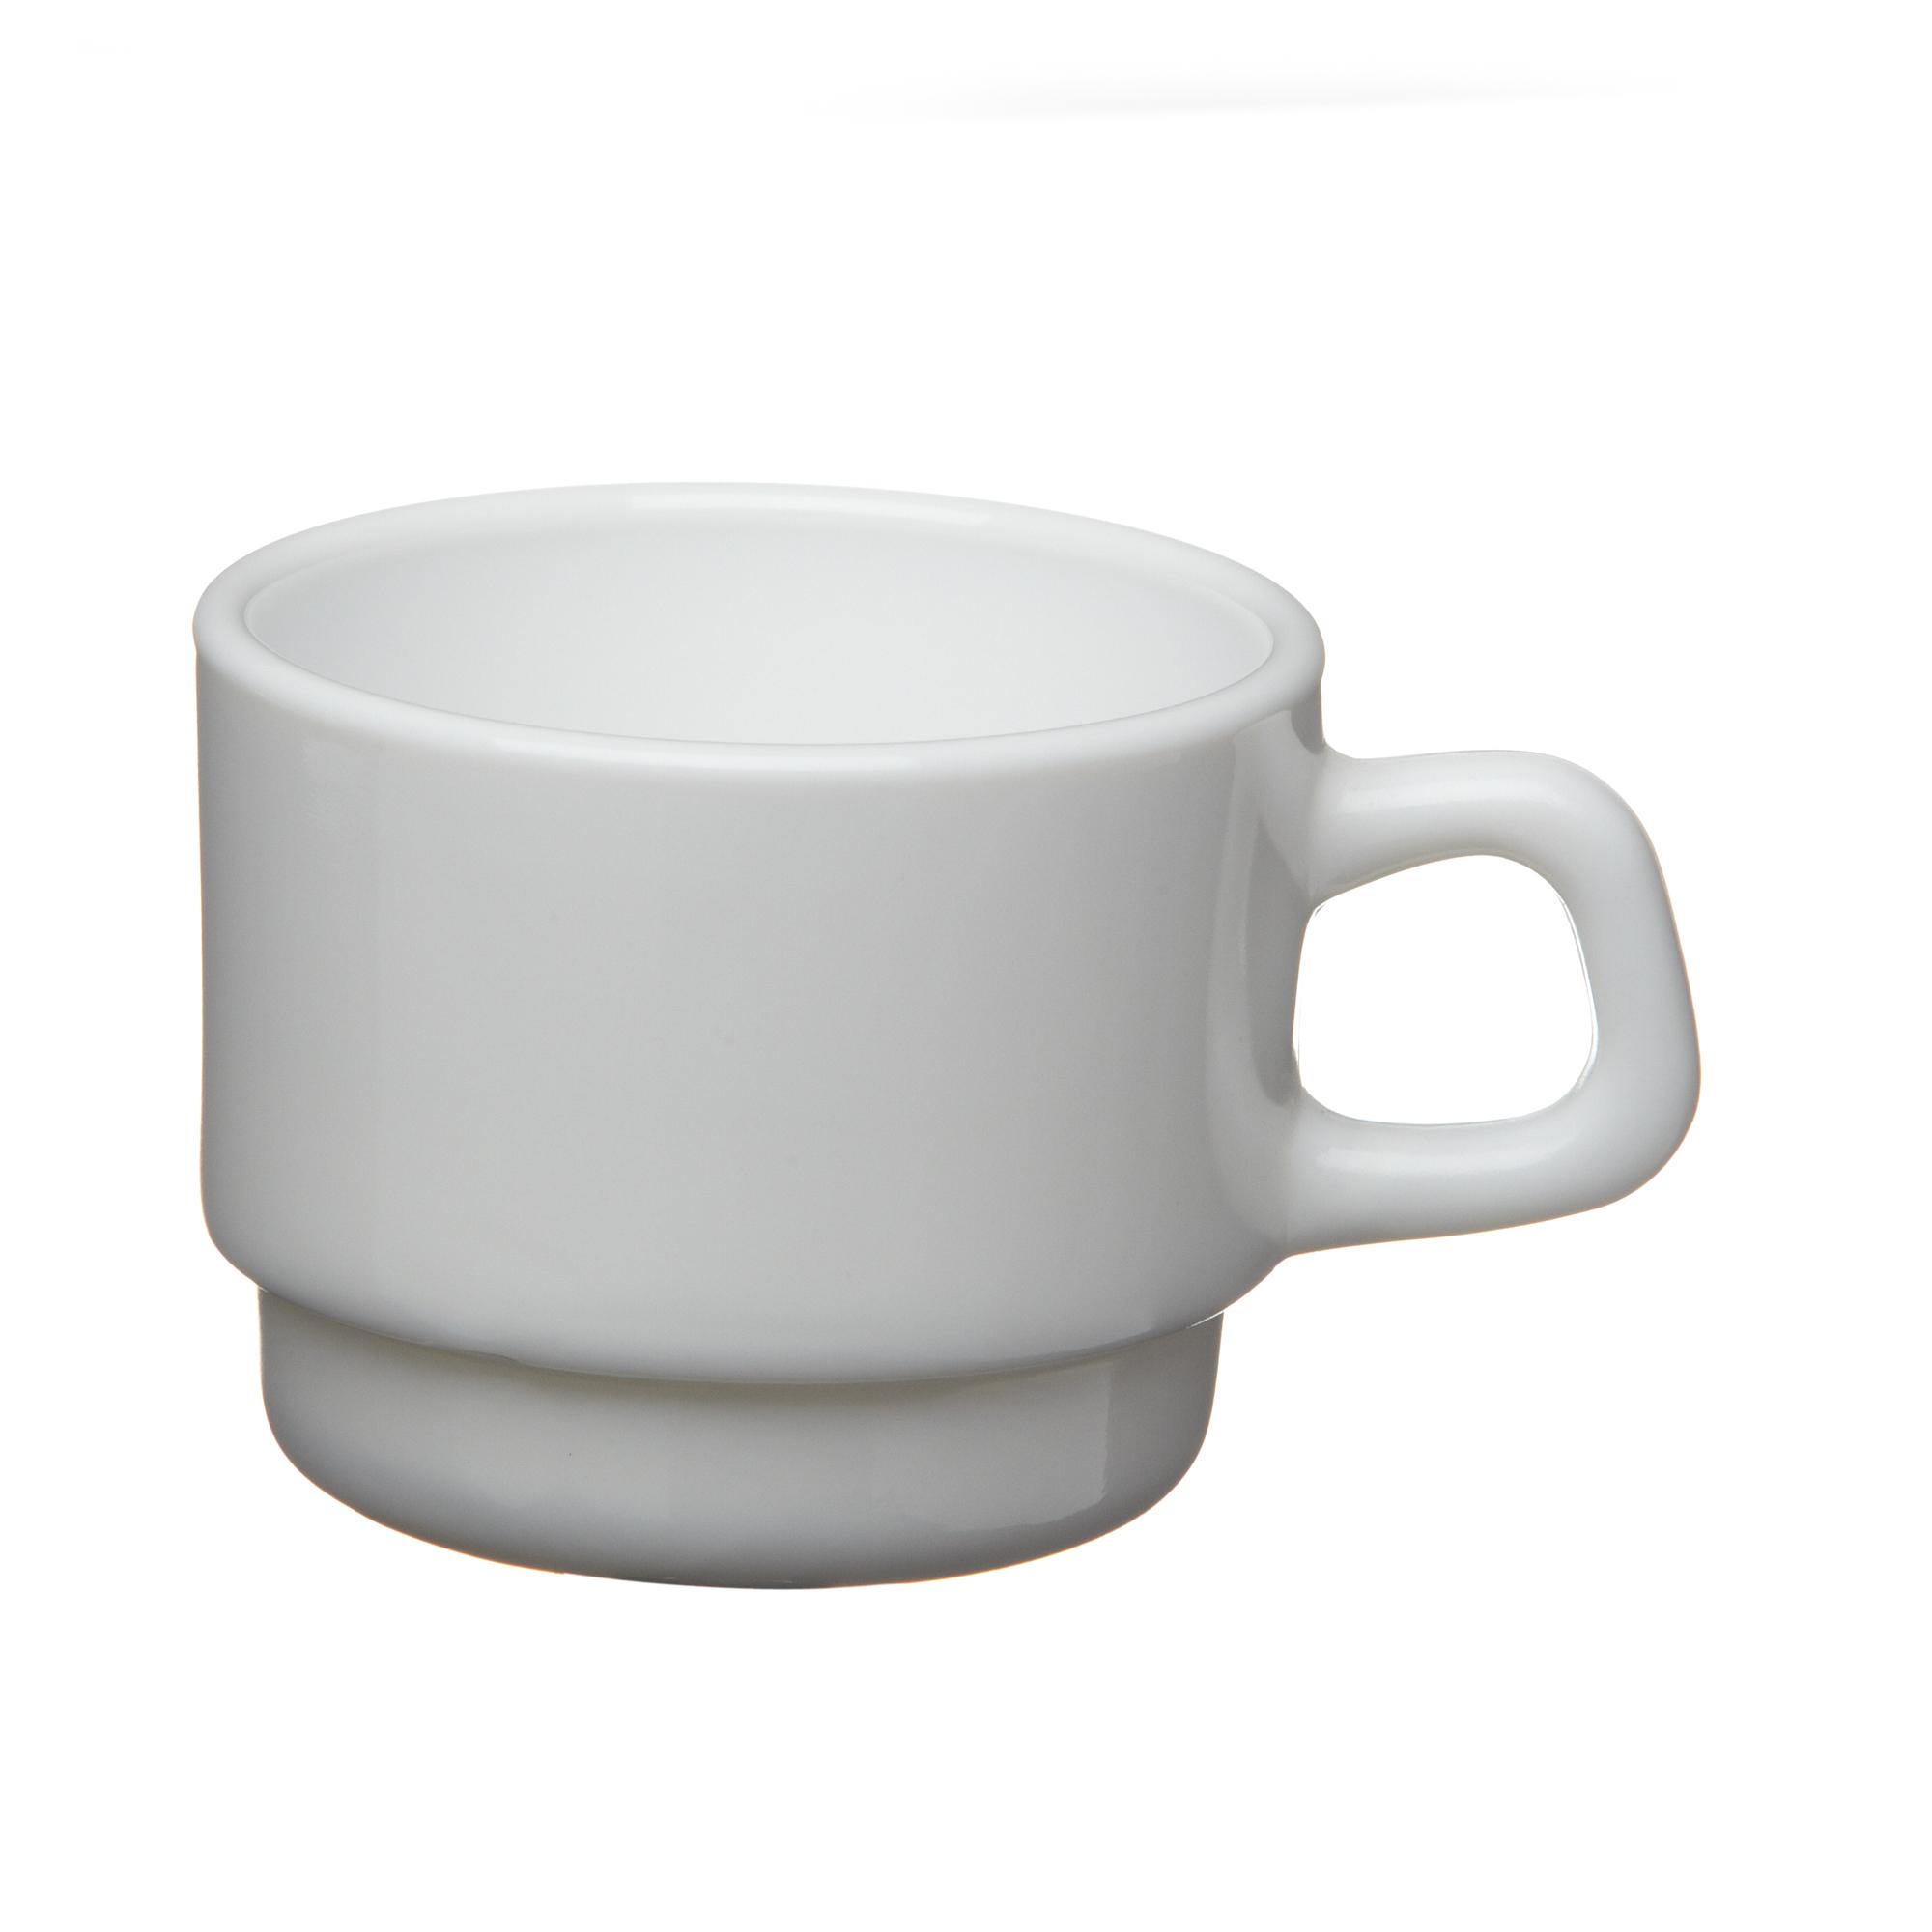 tasses th best tasse th en fonte du japon noire iwachu with tasses th tasse th design avec le. Black Bedroom Furniture Sets. Home Design Ideas